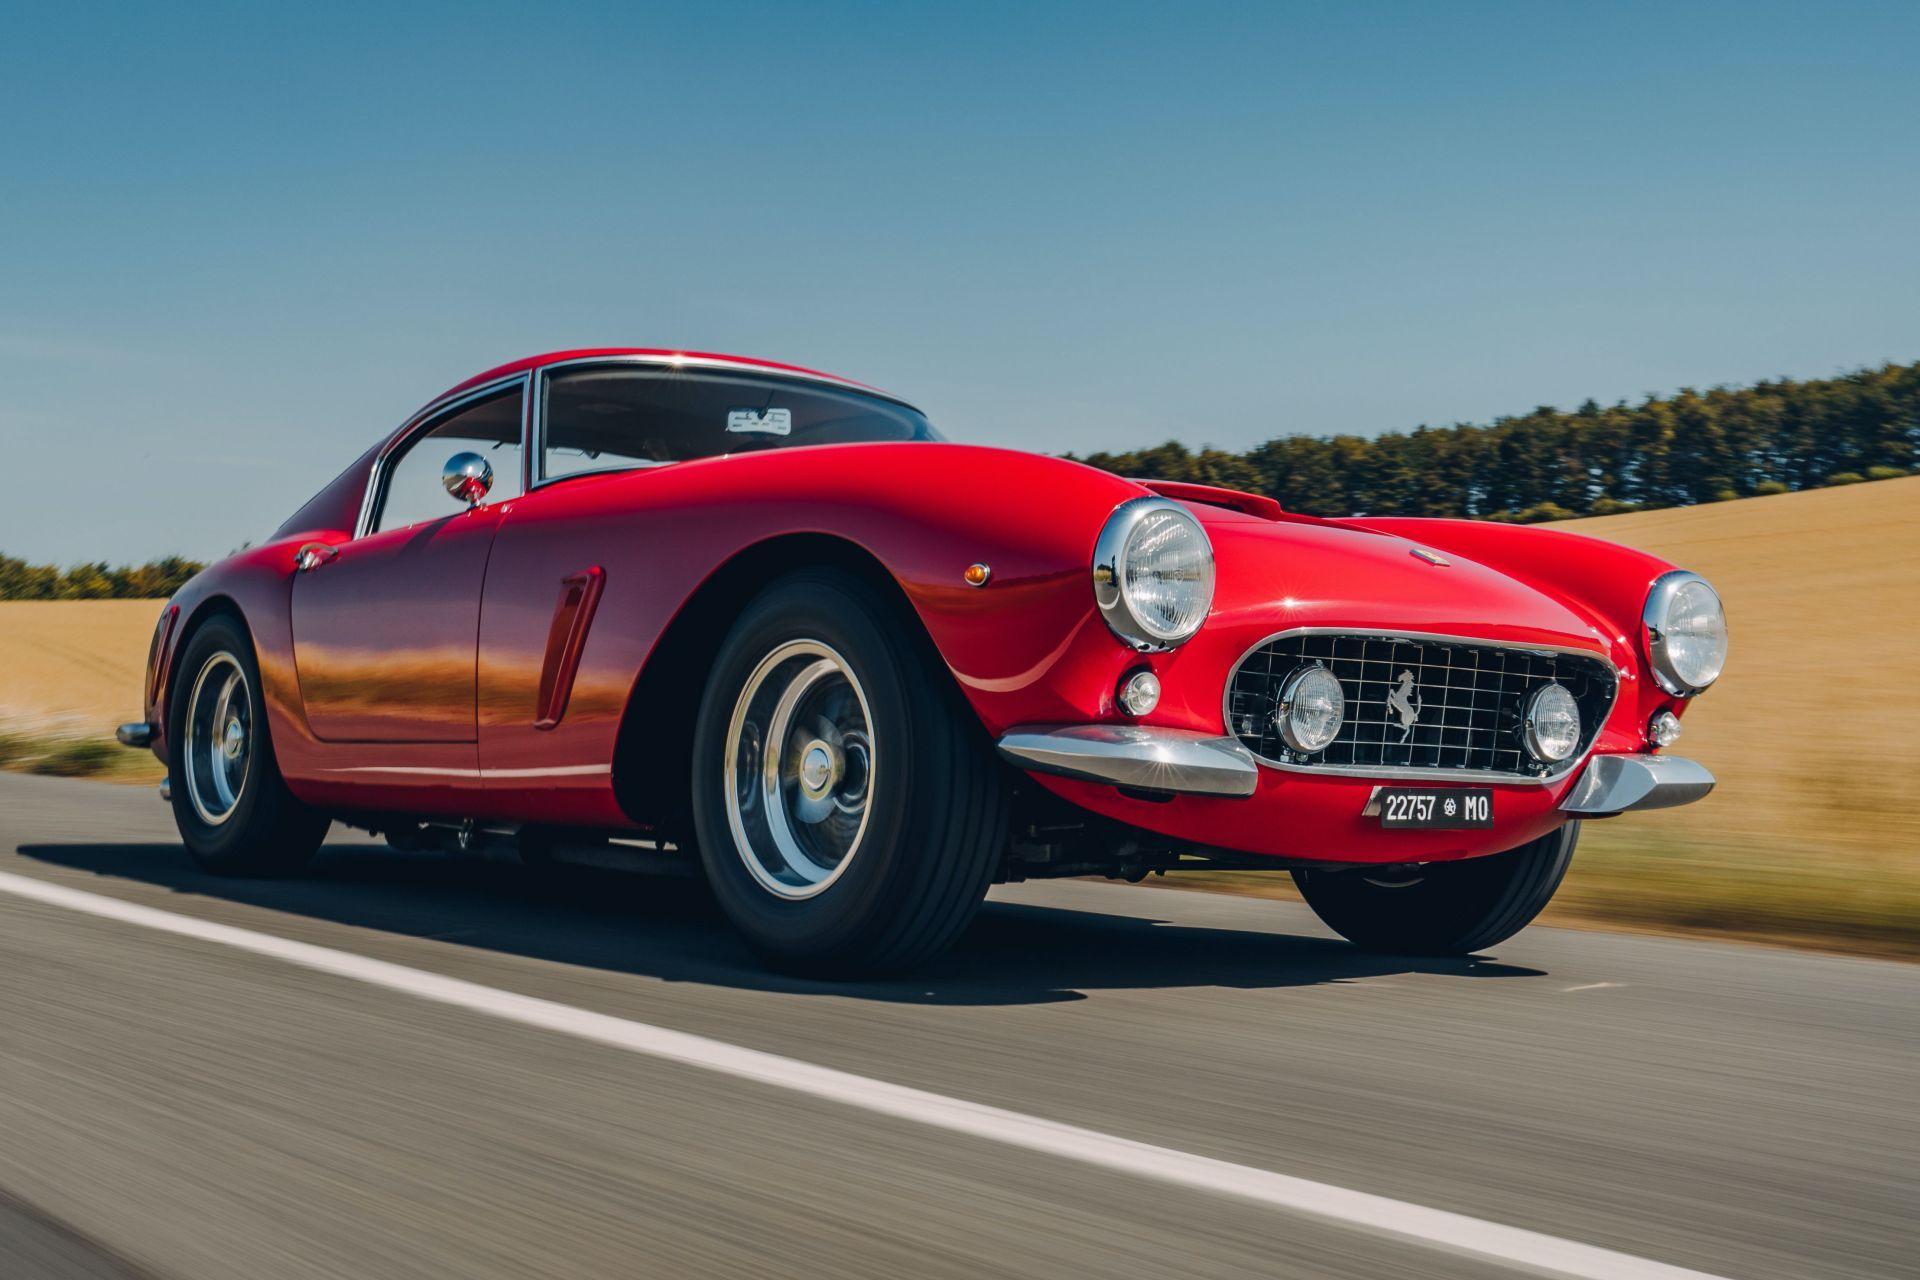 Ferrari-250-GT-SWB-Berlinetta-Competizione-Revival-by-GTO-Engineering-11